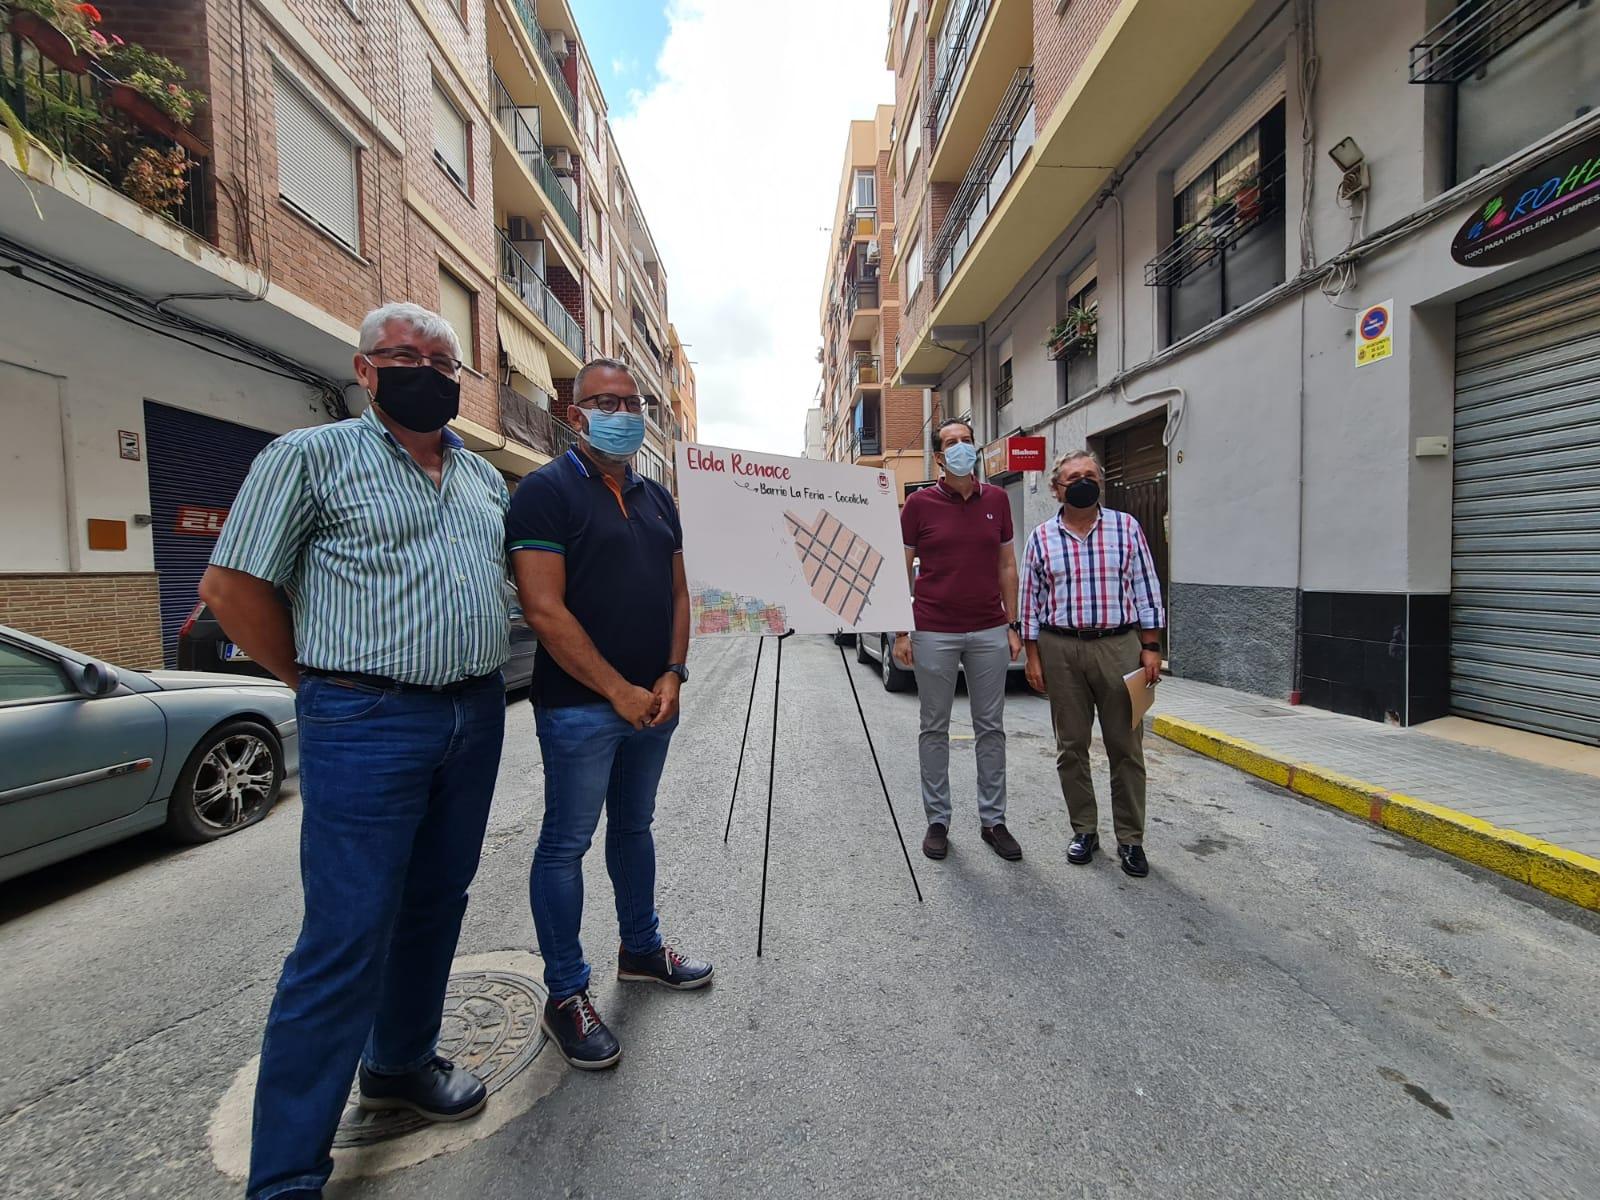 El Ayuntamiento de Elda humanizará el barrio de La Feria-Cocoliche con la reurbanización de 20.000 metros cuadrados de calles y aceras